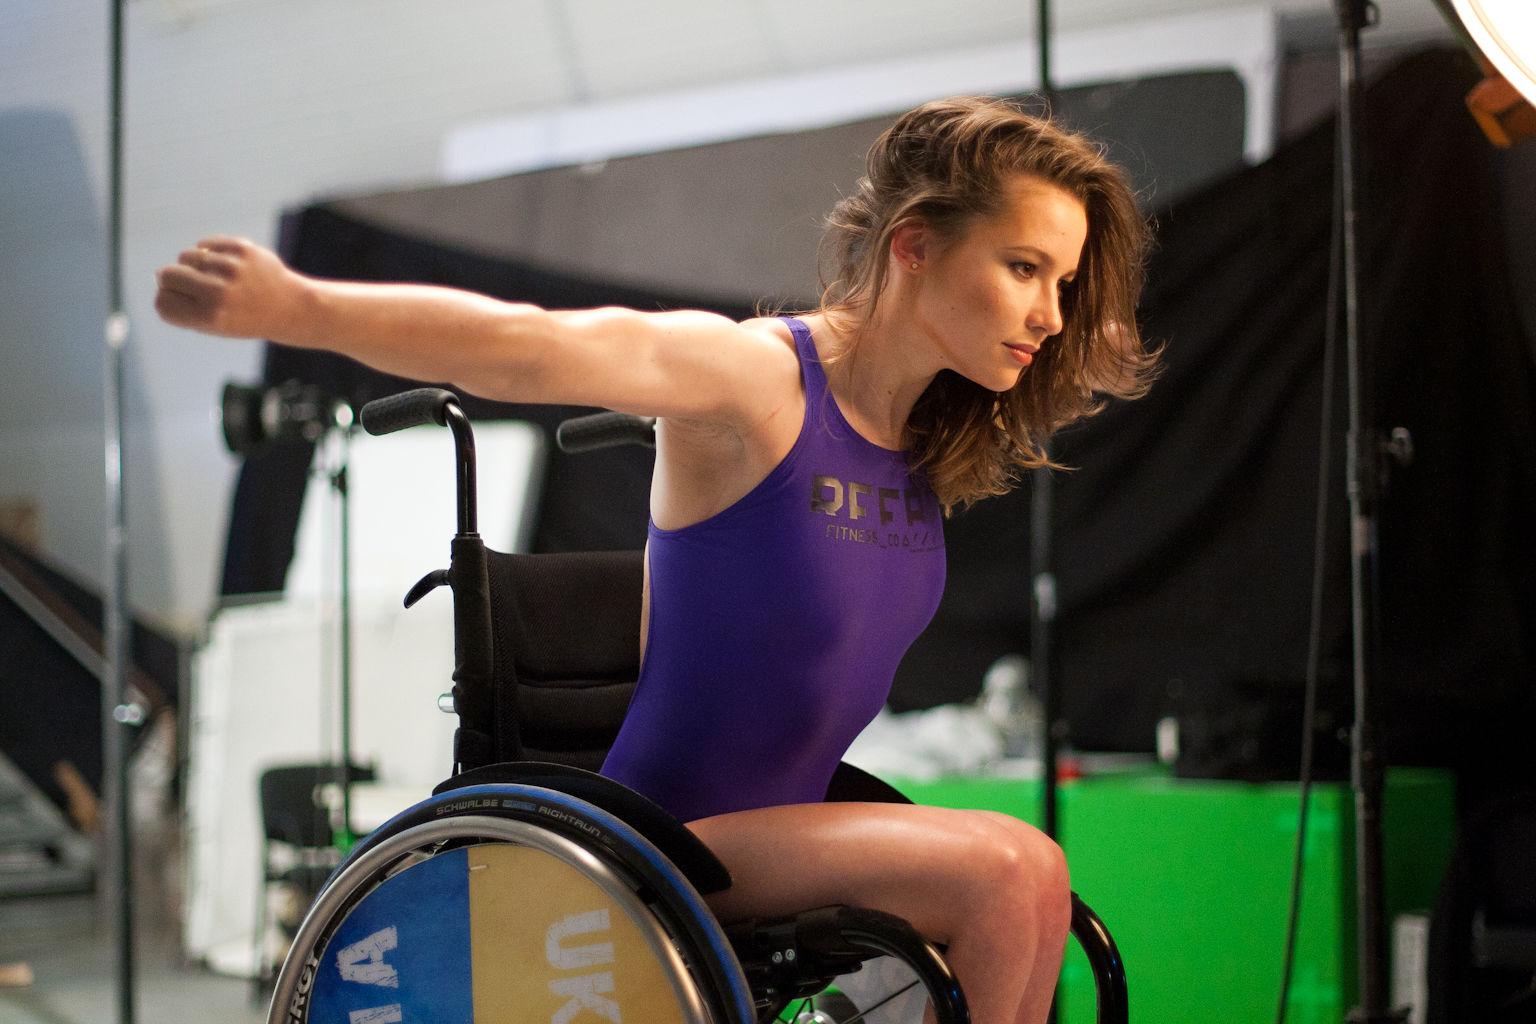 Спортивный мир восхищен: украинка Мерешко установила второй мировой рекорд на Паралимпиаде в Токио